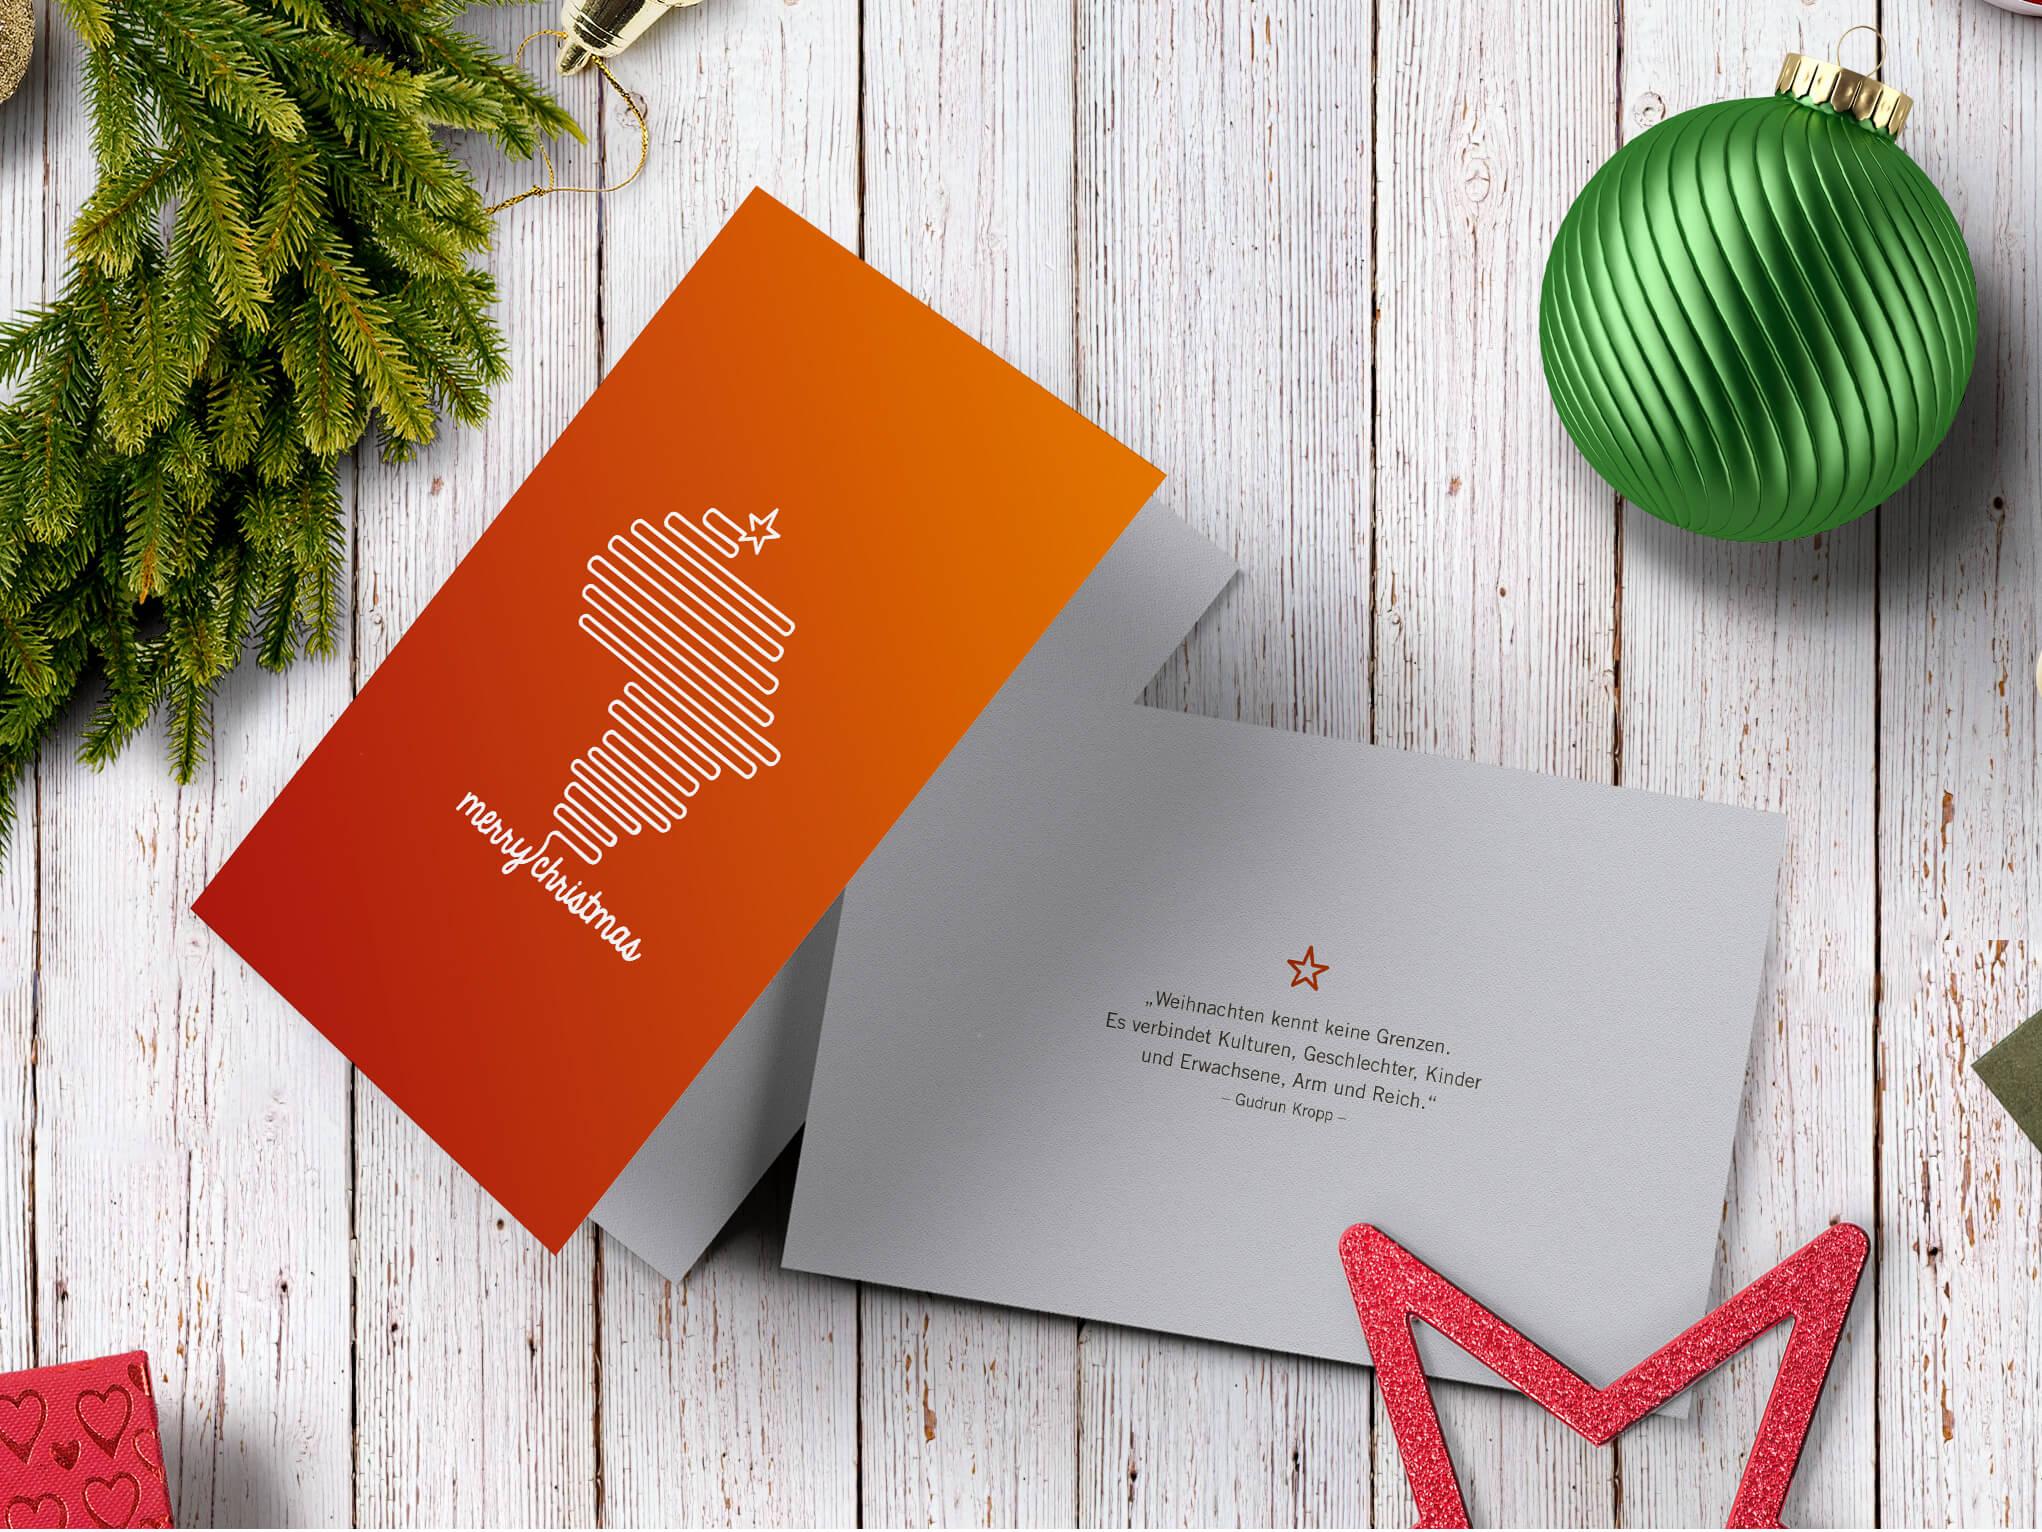 Weihnachtskarten Mit Gutem Zweck.Die Go Ahead Weihnachtskarten Go Ahead